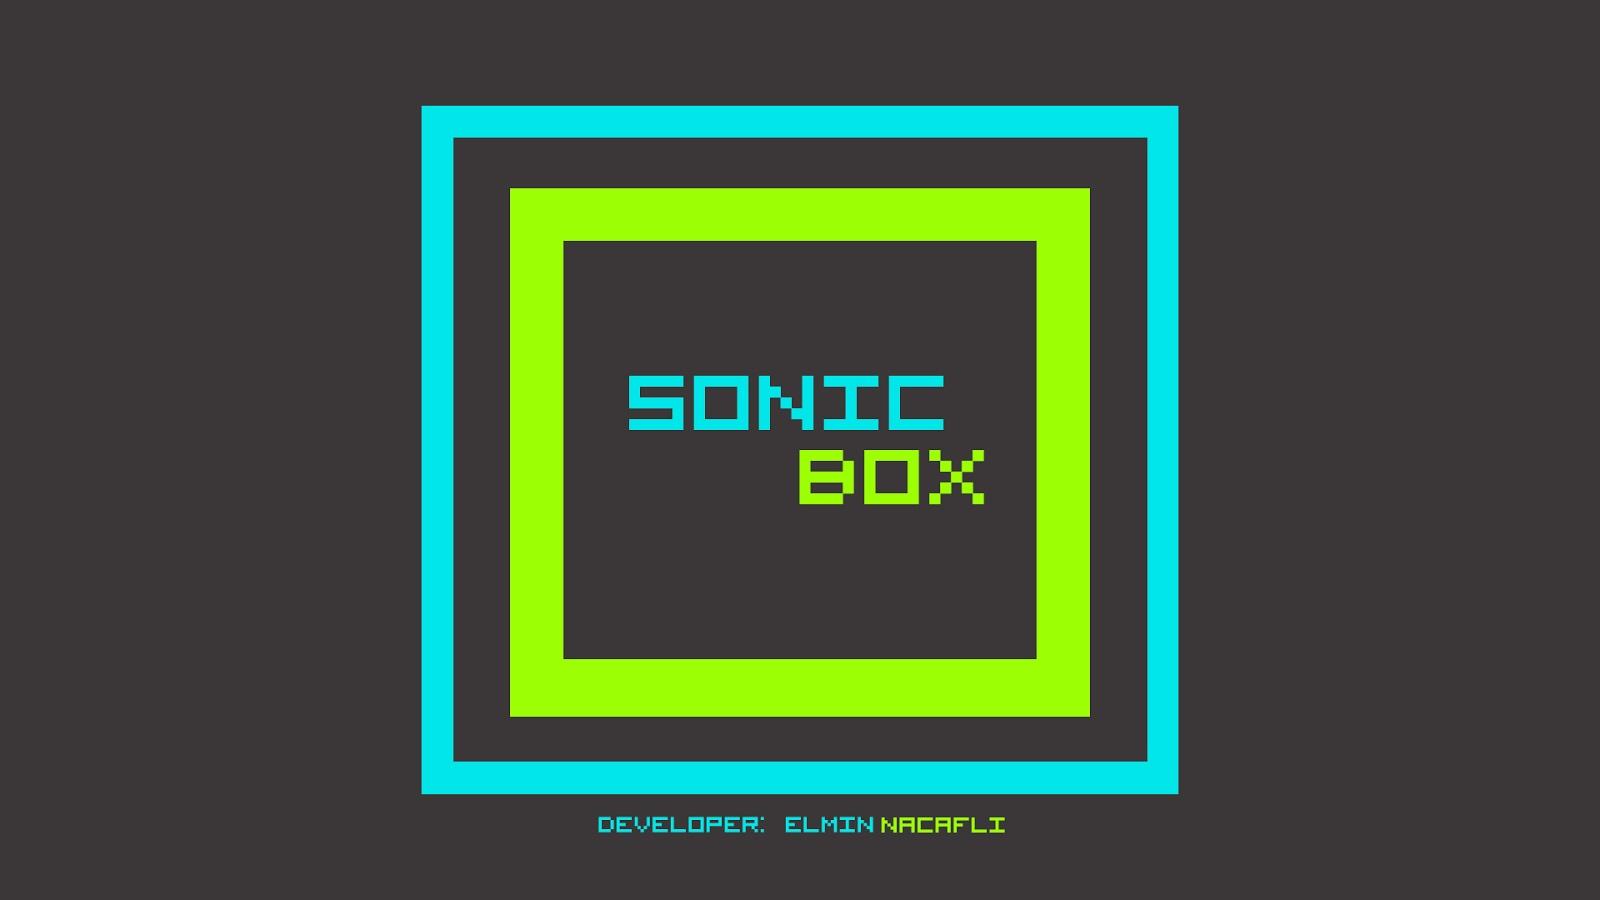 SonicBox - Oyun Oynayarak Para Kazanmak İçin 19 Tavsiye